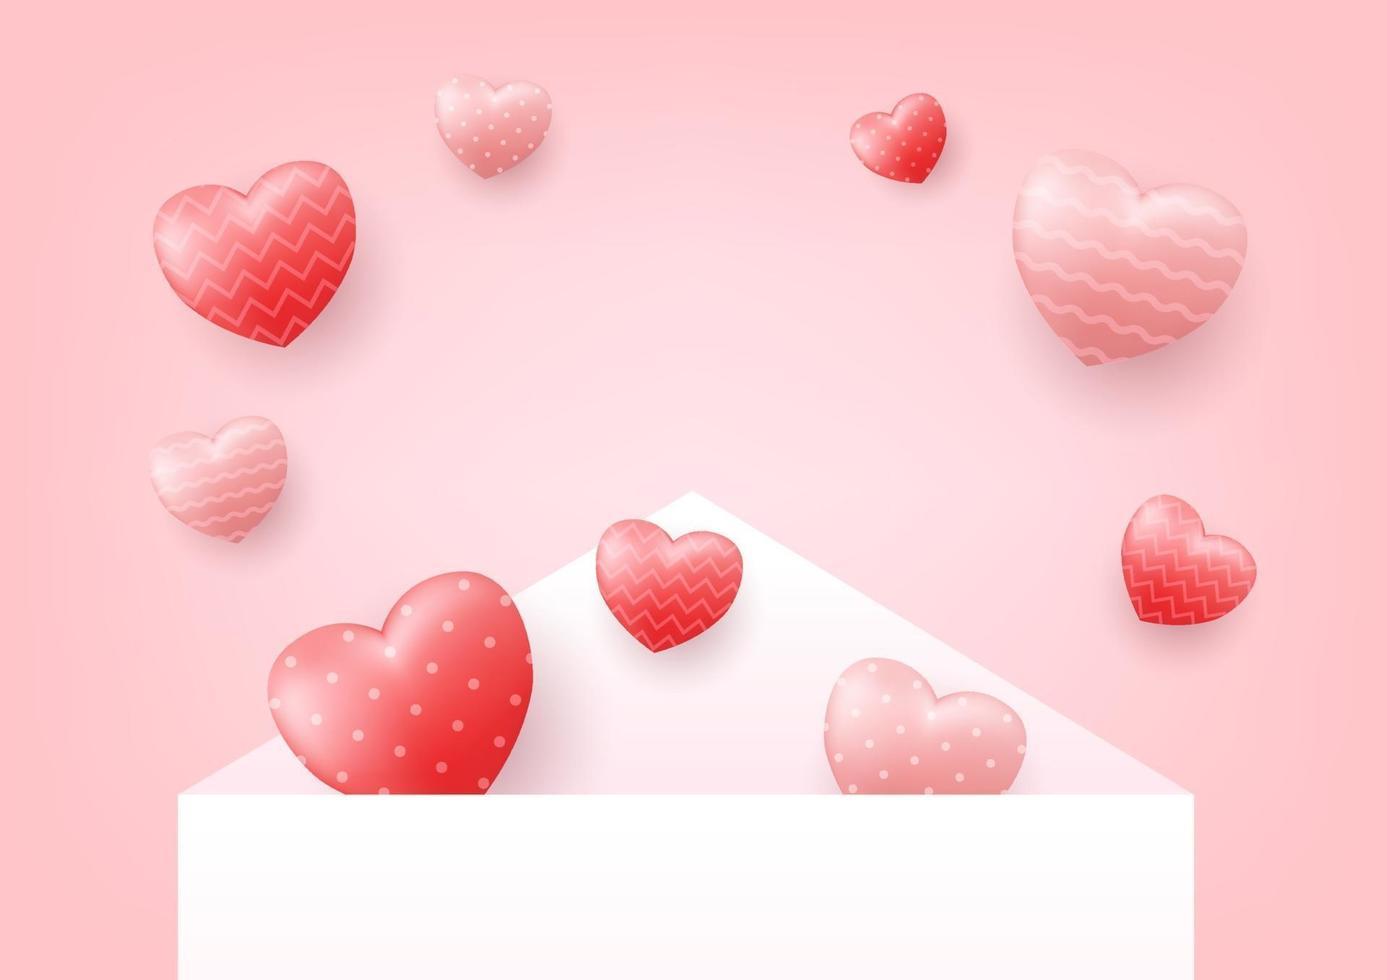 envelope branco foi aberto com corações flutuando com espaço de cópia. conceito de feliz dia dos namorados. vetor